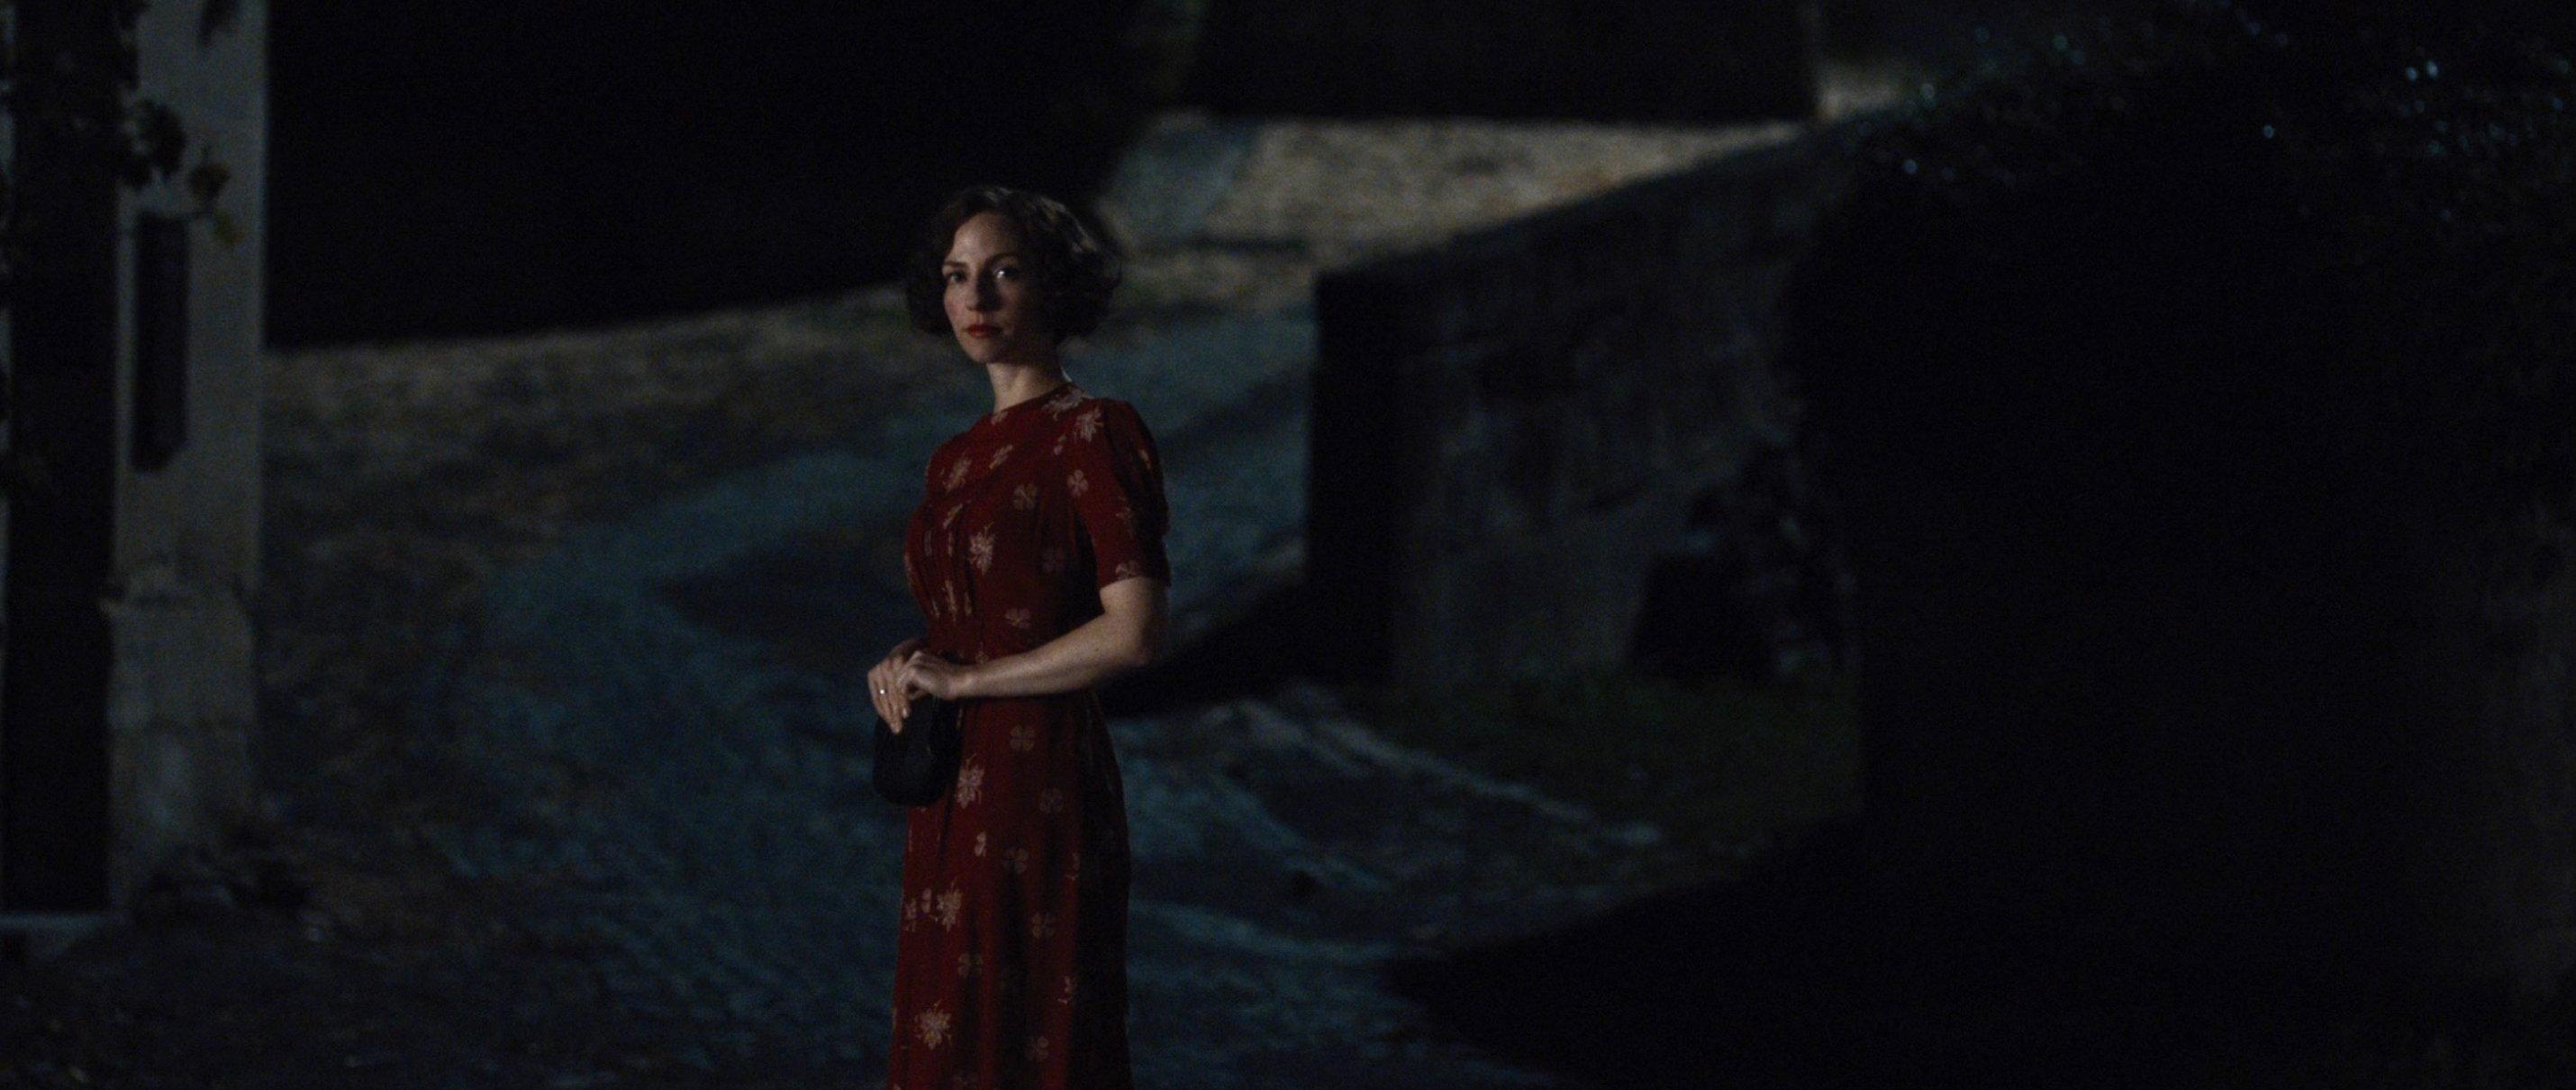 Elser - 13 Minutes - Elsa gespielt von Katharina Schüttler - Regie Oliver Hirschbiegel - Kamera Judith Kaufmann